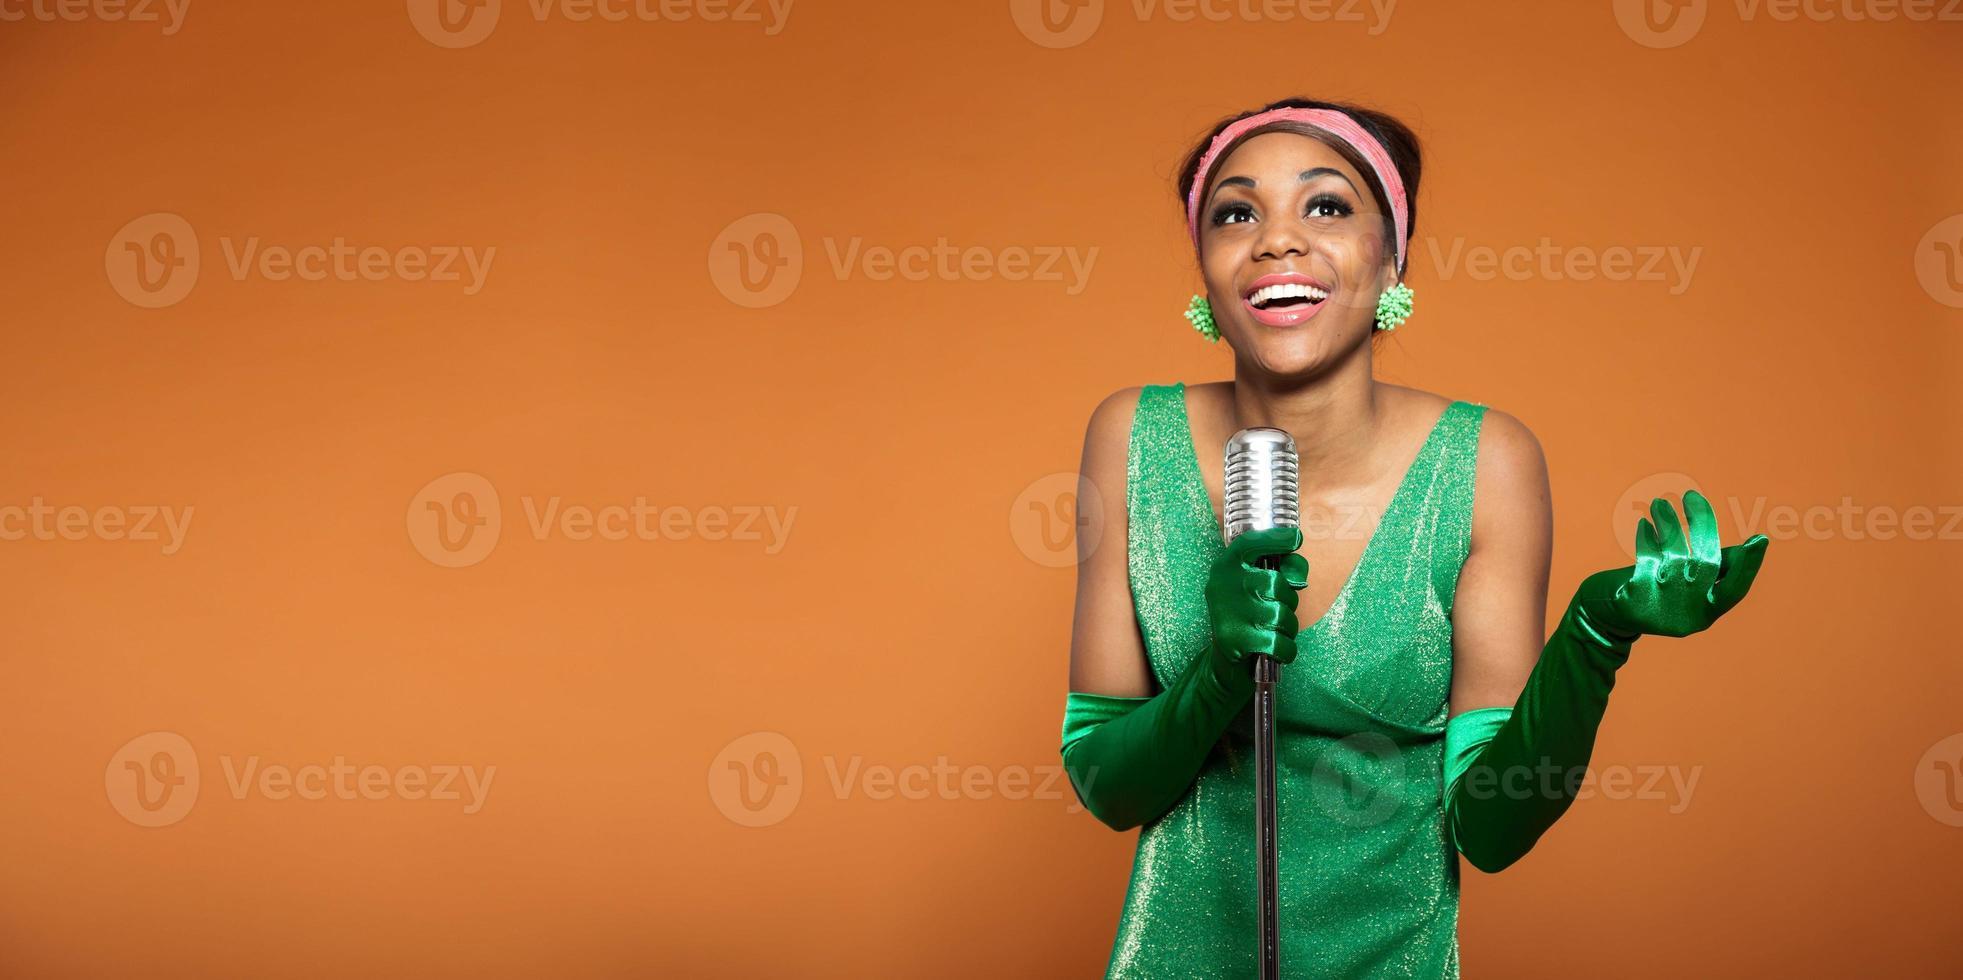 donna vintage soul jazz che canta. afroamericano nero. copia spazio. foto